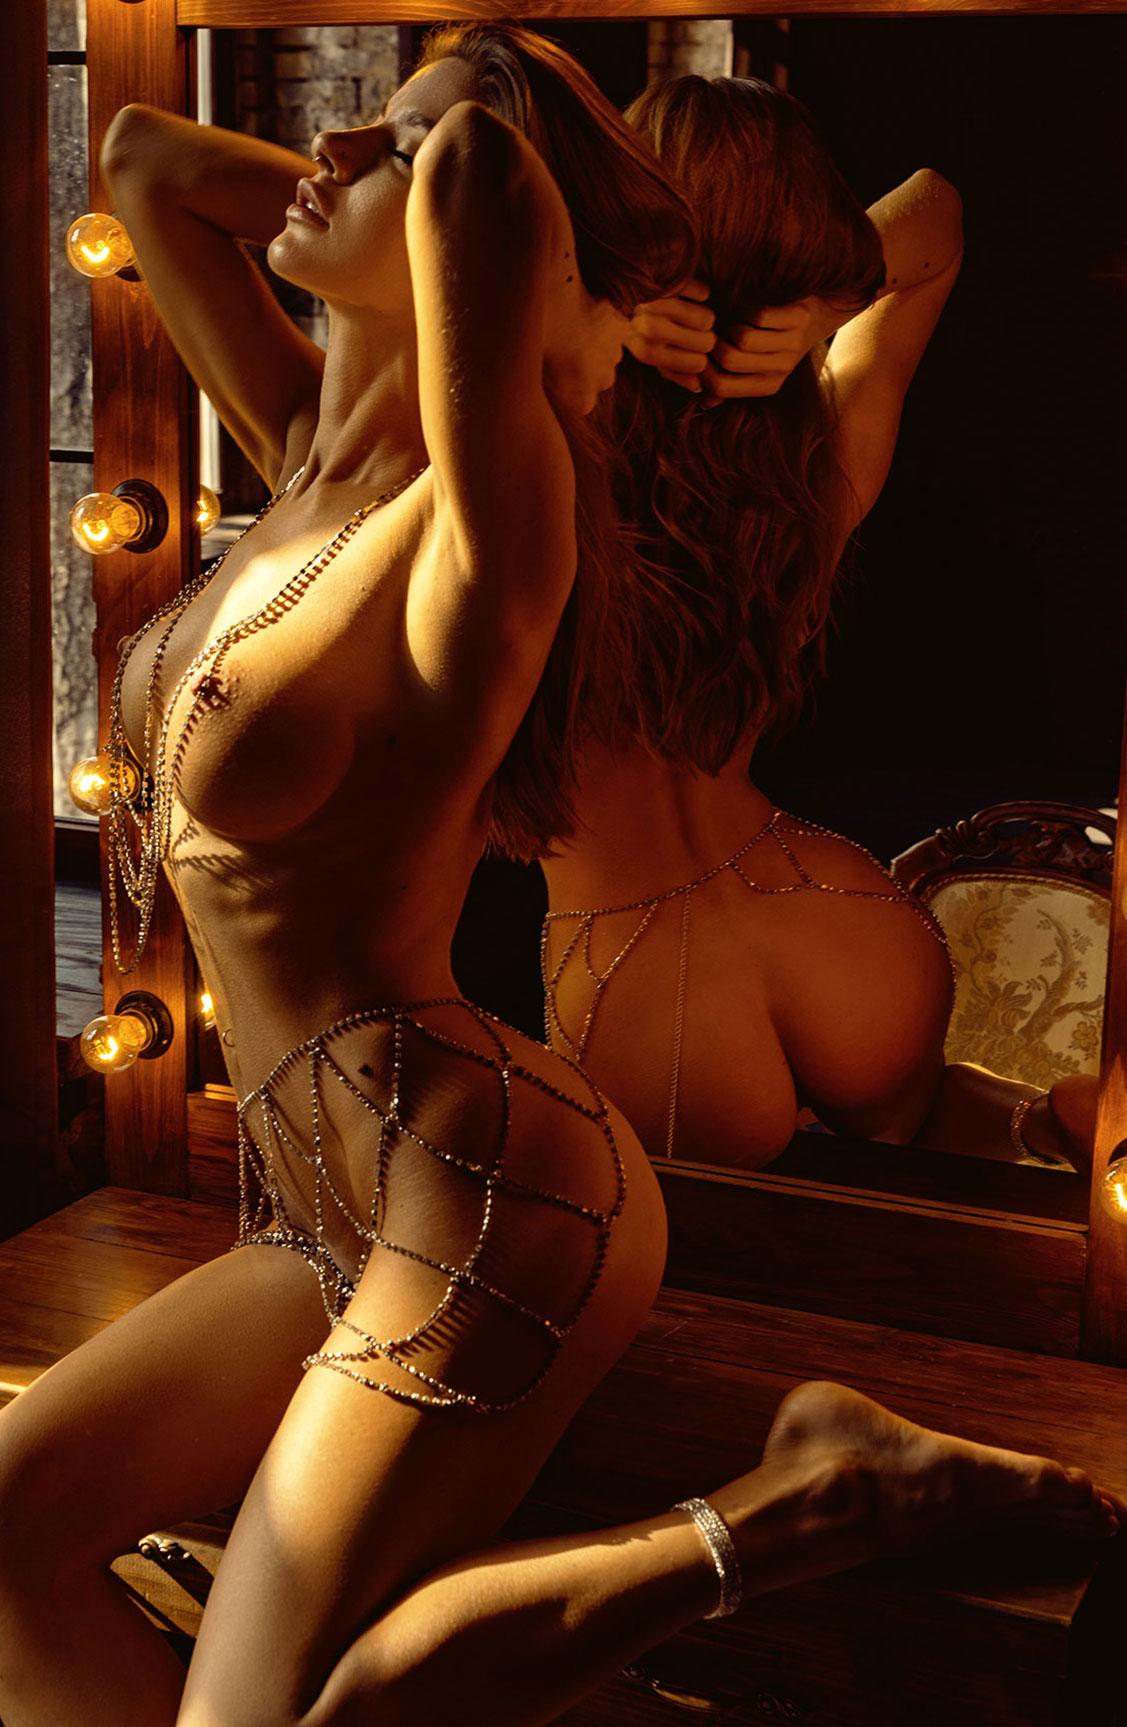 Сексуальная голая девушка в драгоценных цепях / фото 22